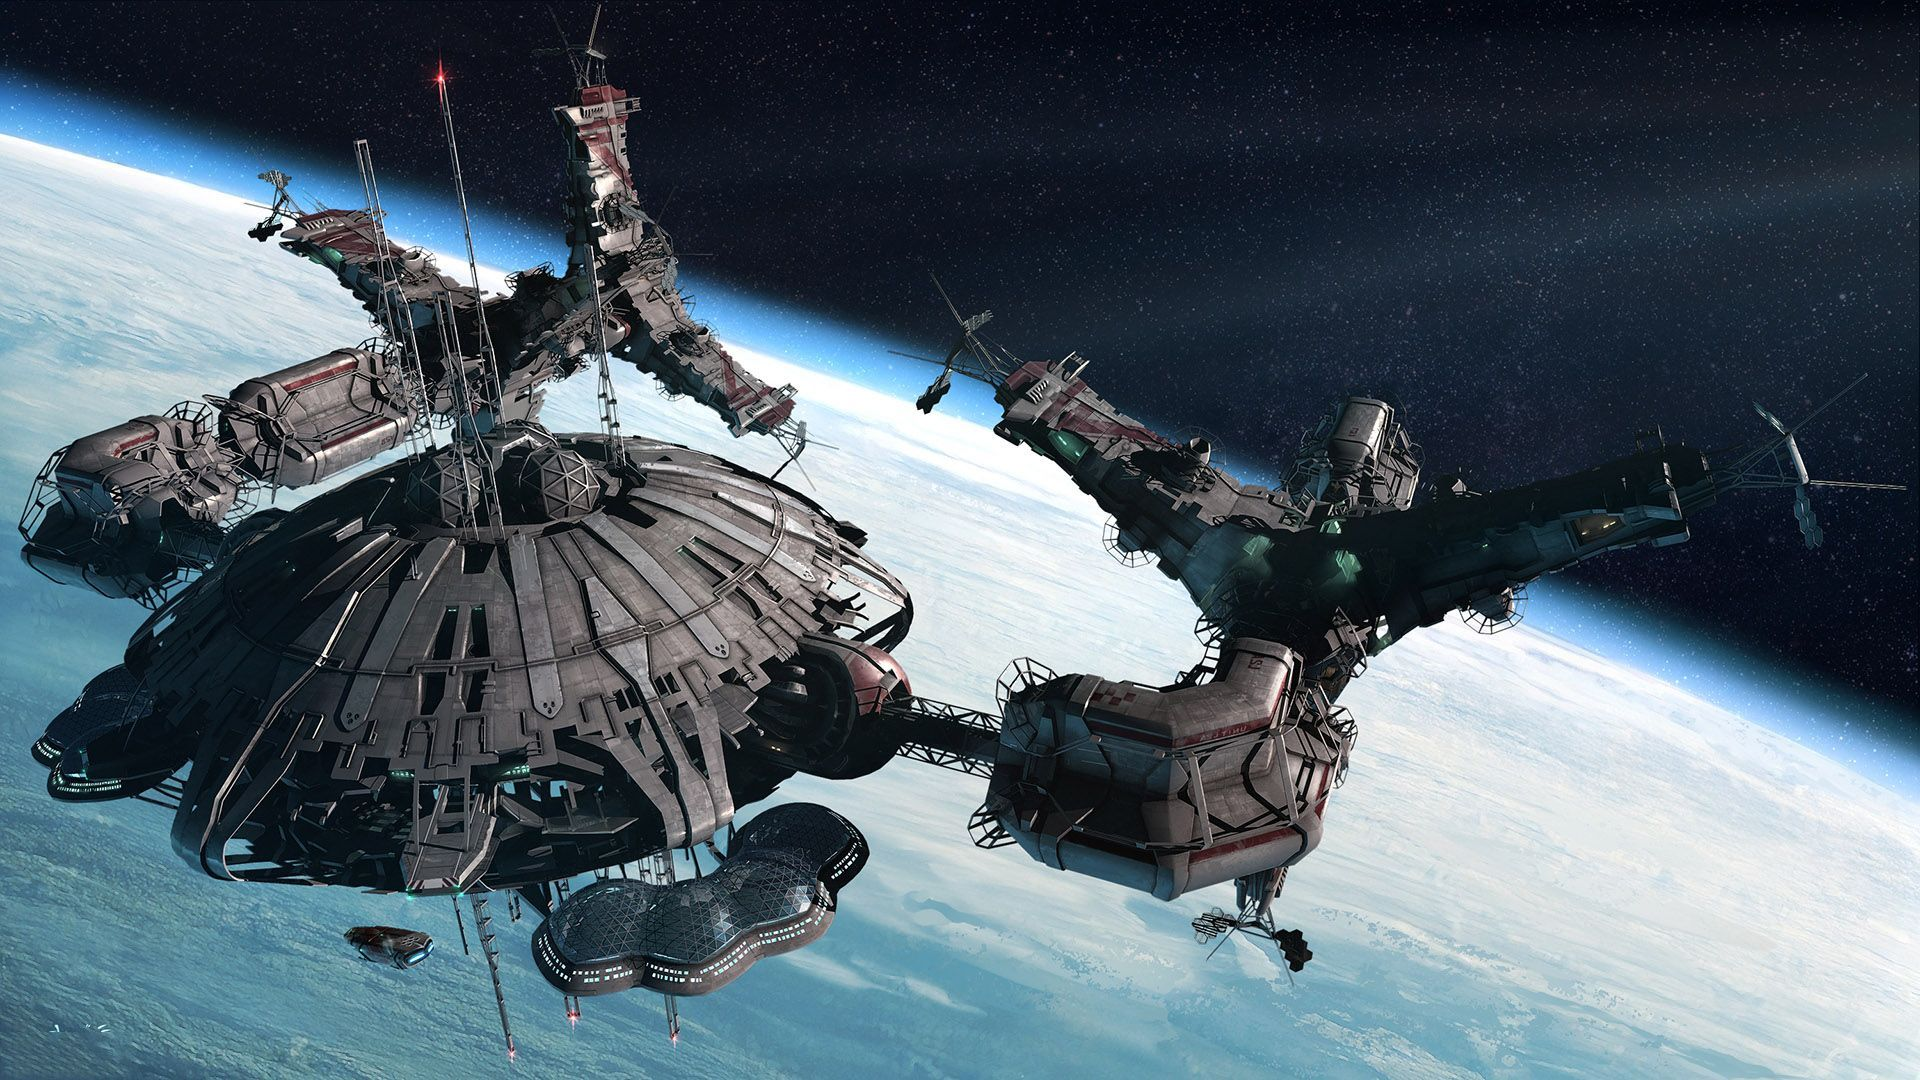 Space Station Wallpaper - WallpaperSafari